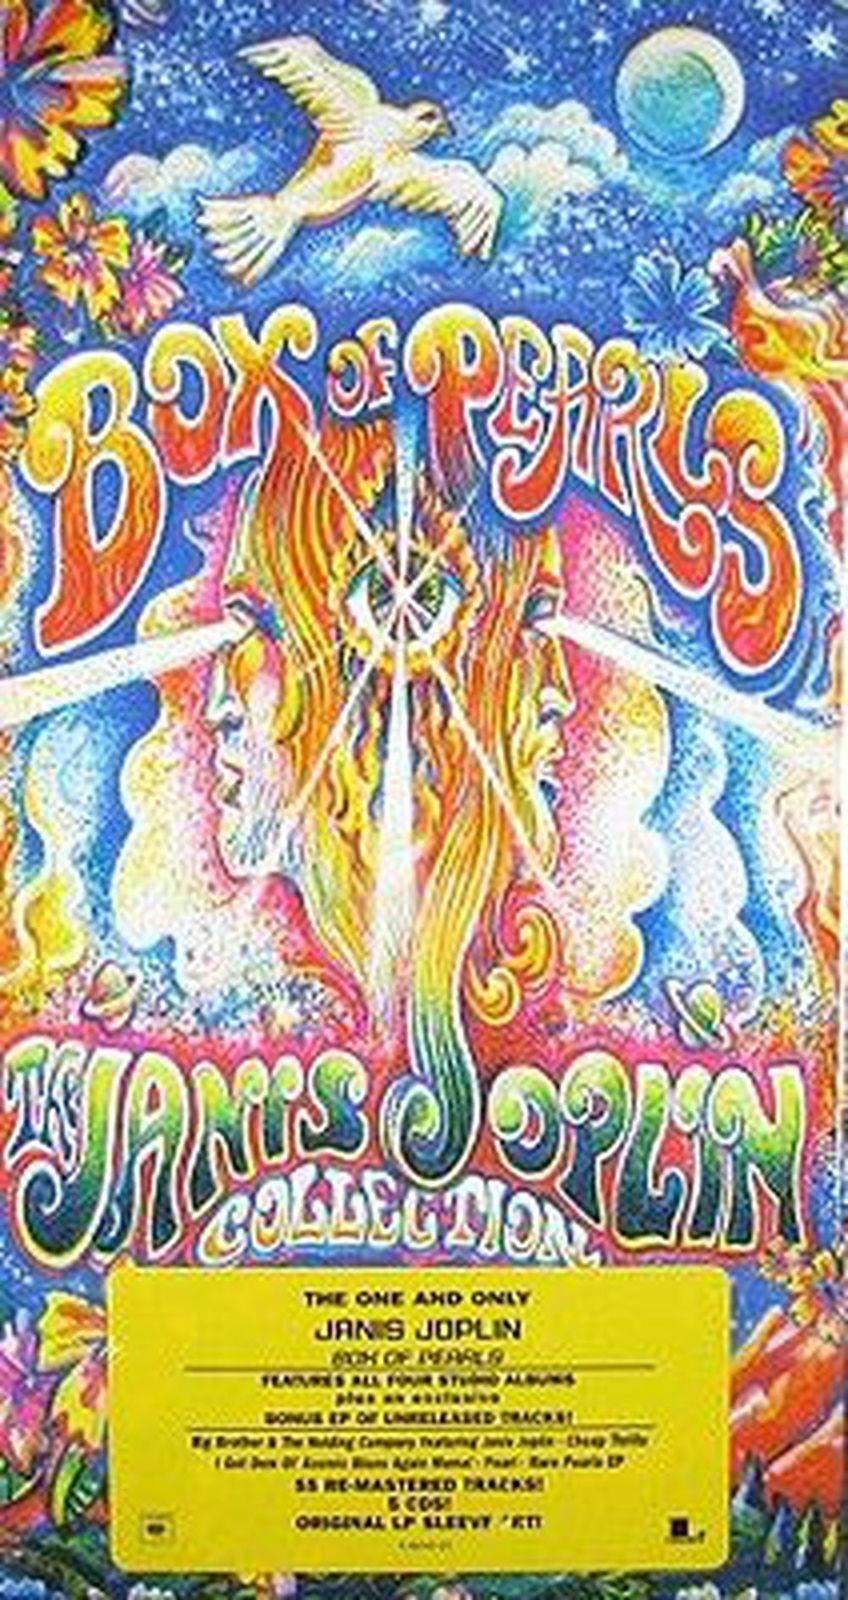 Janis Joplin / Box Of Pearls 5 CD Box Set